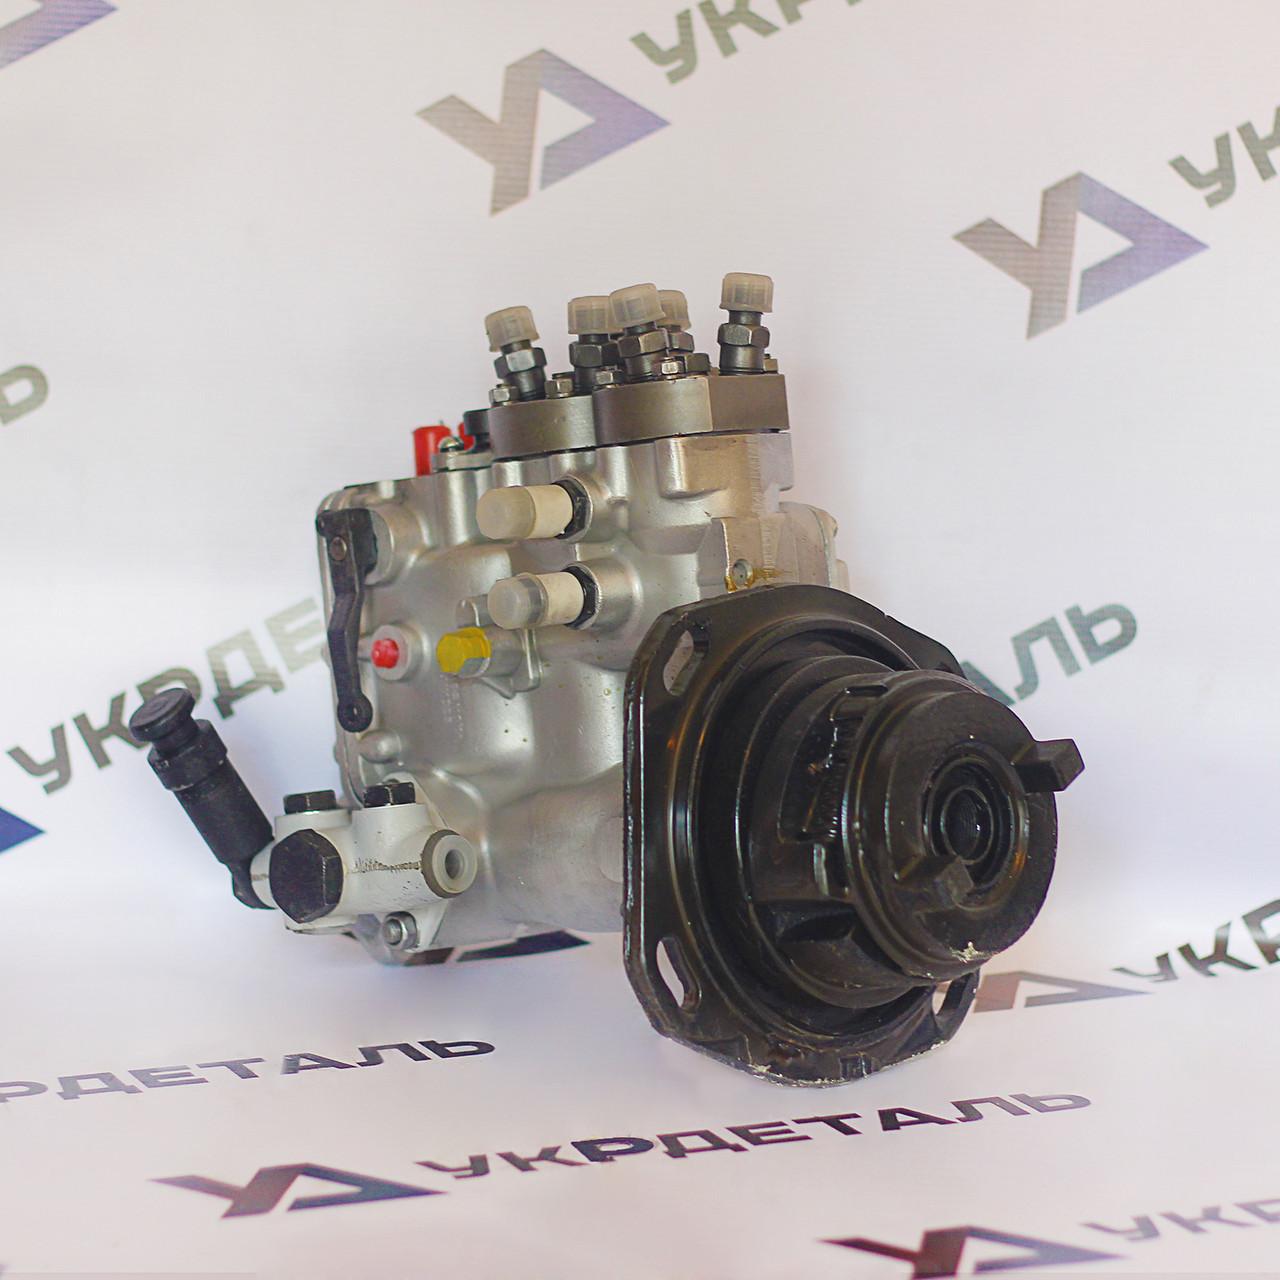 Топливный насос ТНВД Т-150, КСК-100 (СМД-60)   584.1111004-10 VTR